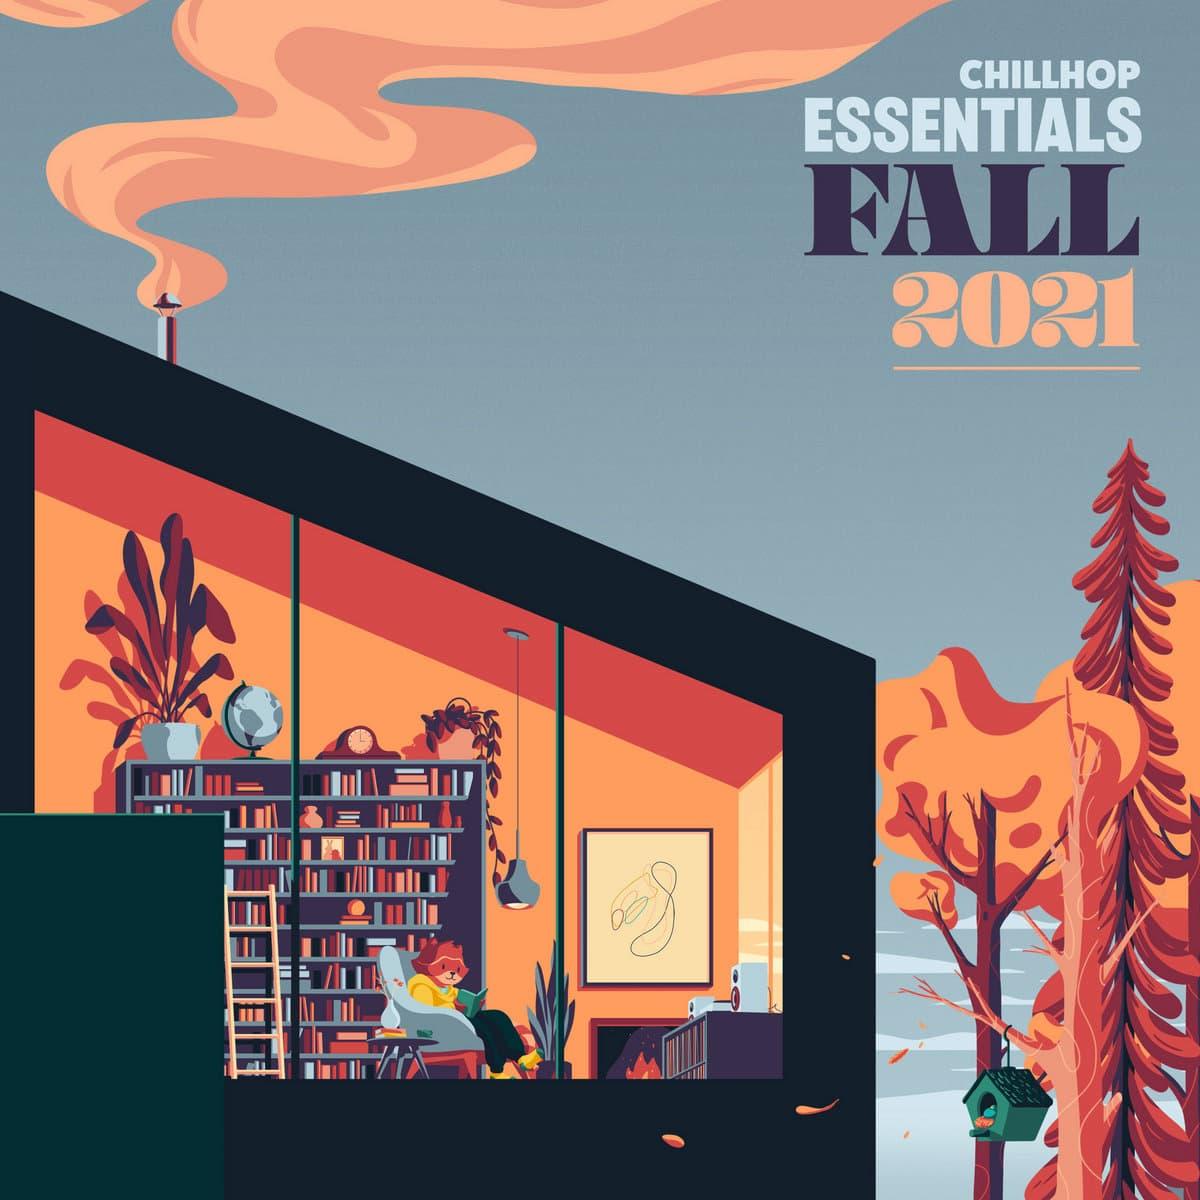 Chillhop Essentials Fall 2021 | Full Album Stream